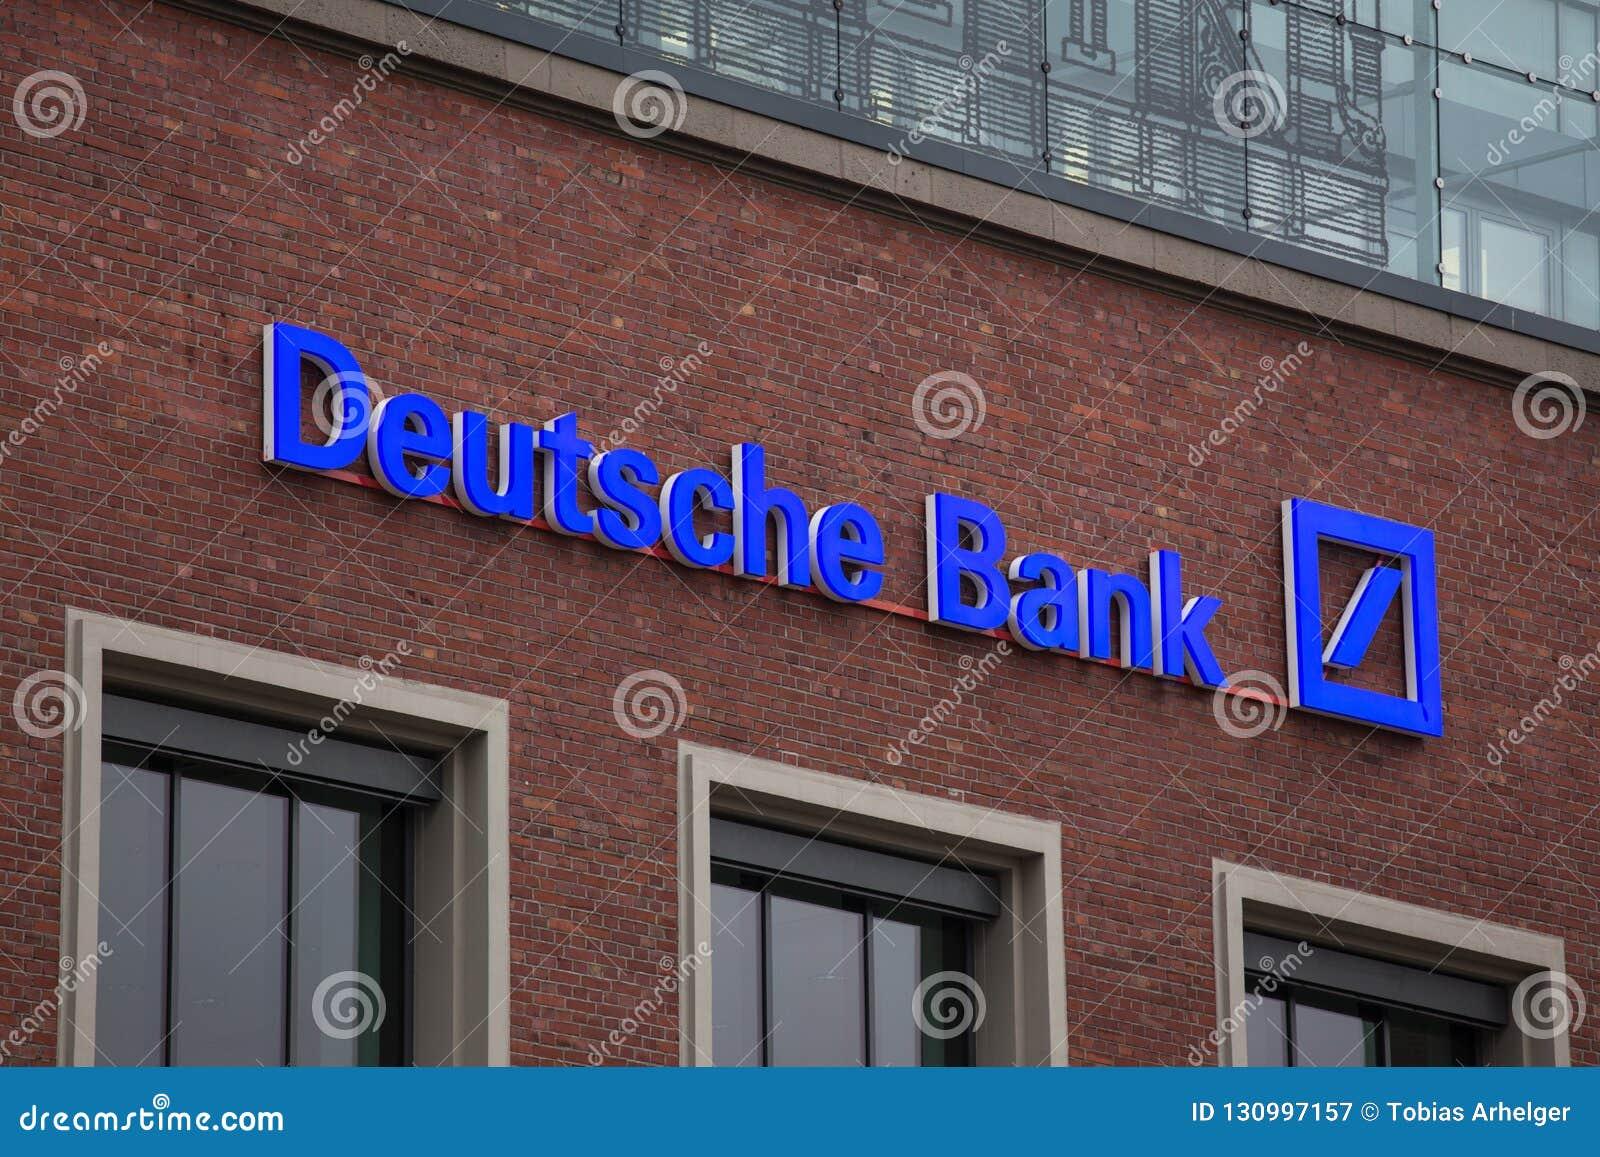 Essen, Nordrhein-Westfalen/Deutschland - 18 10 18: Deutsche Bank unterzeichnen herein Essen Deutschland